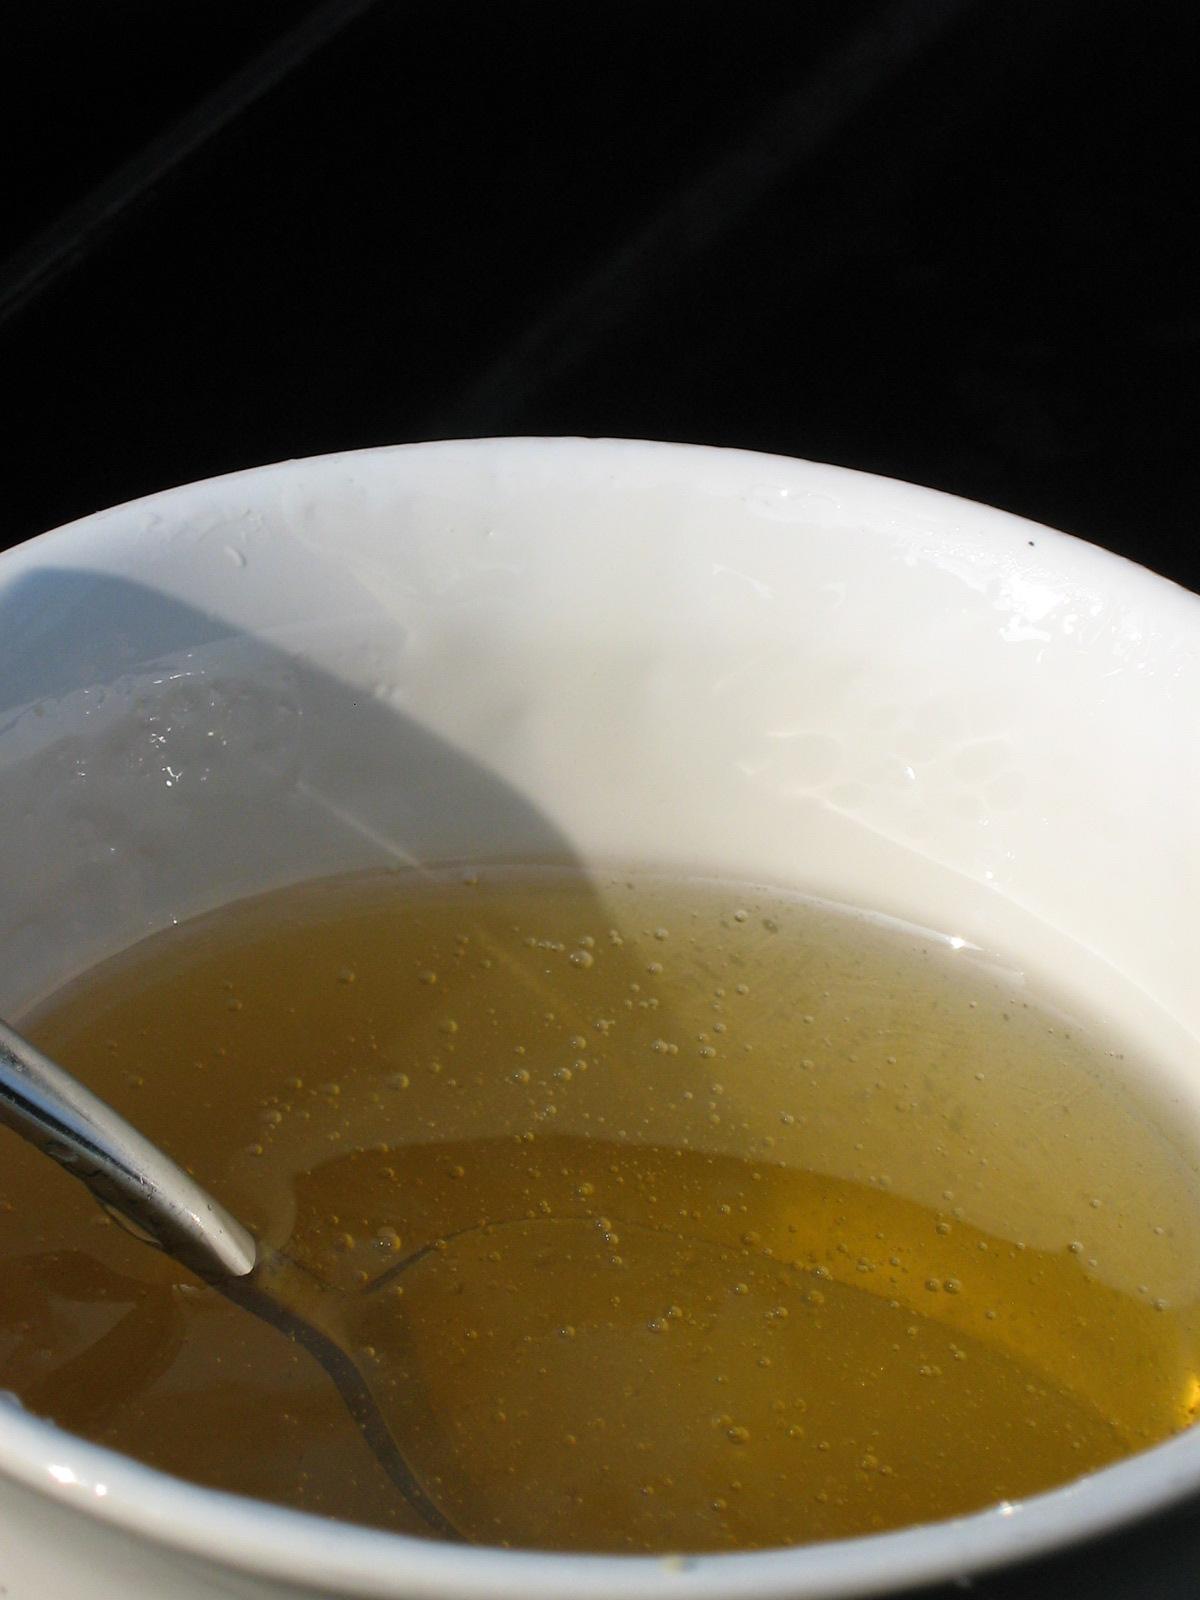 connaissez vous la fascinante recette extra simplissime du miel tagadix des fruits crus du. Black Bedroom Furniture Sets. Home Design Ideas